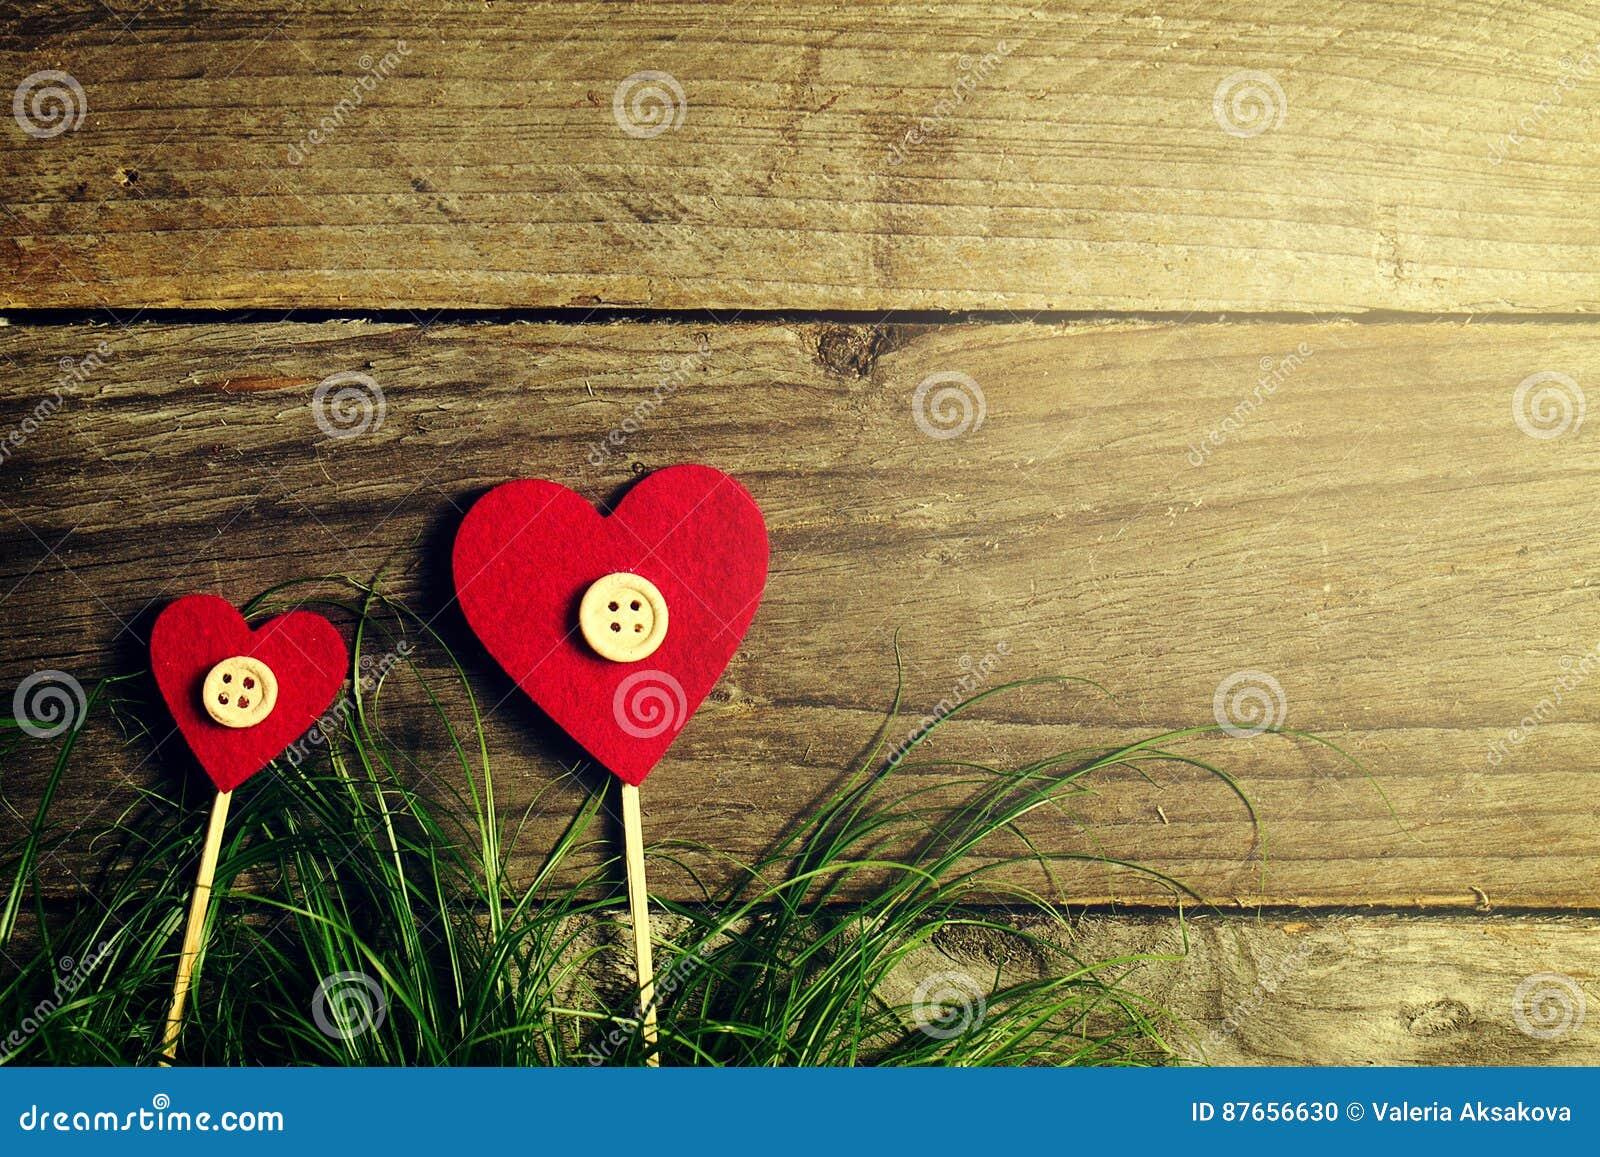 Bilder schöne liebes Liebesbilder (49